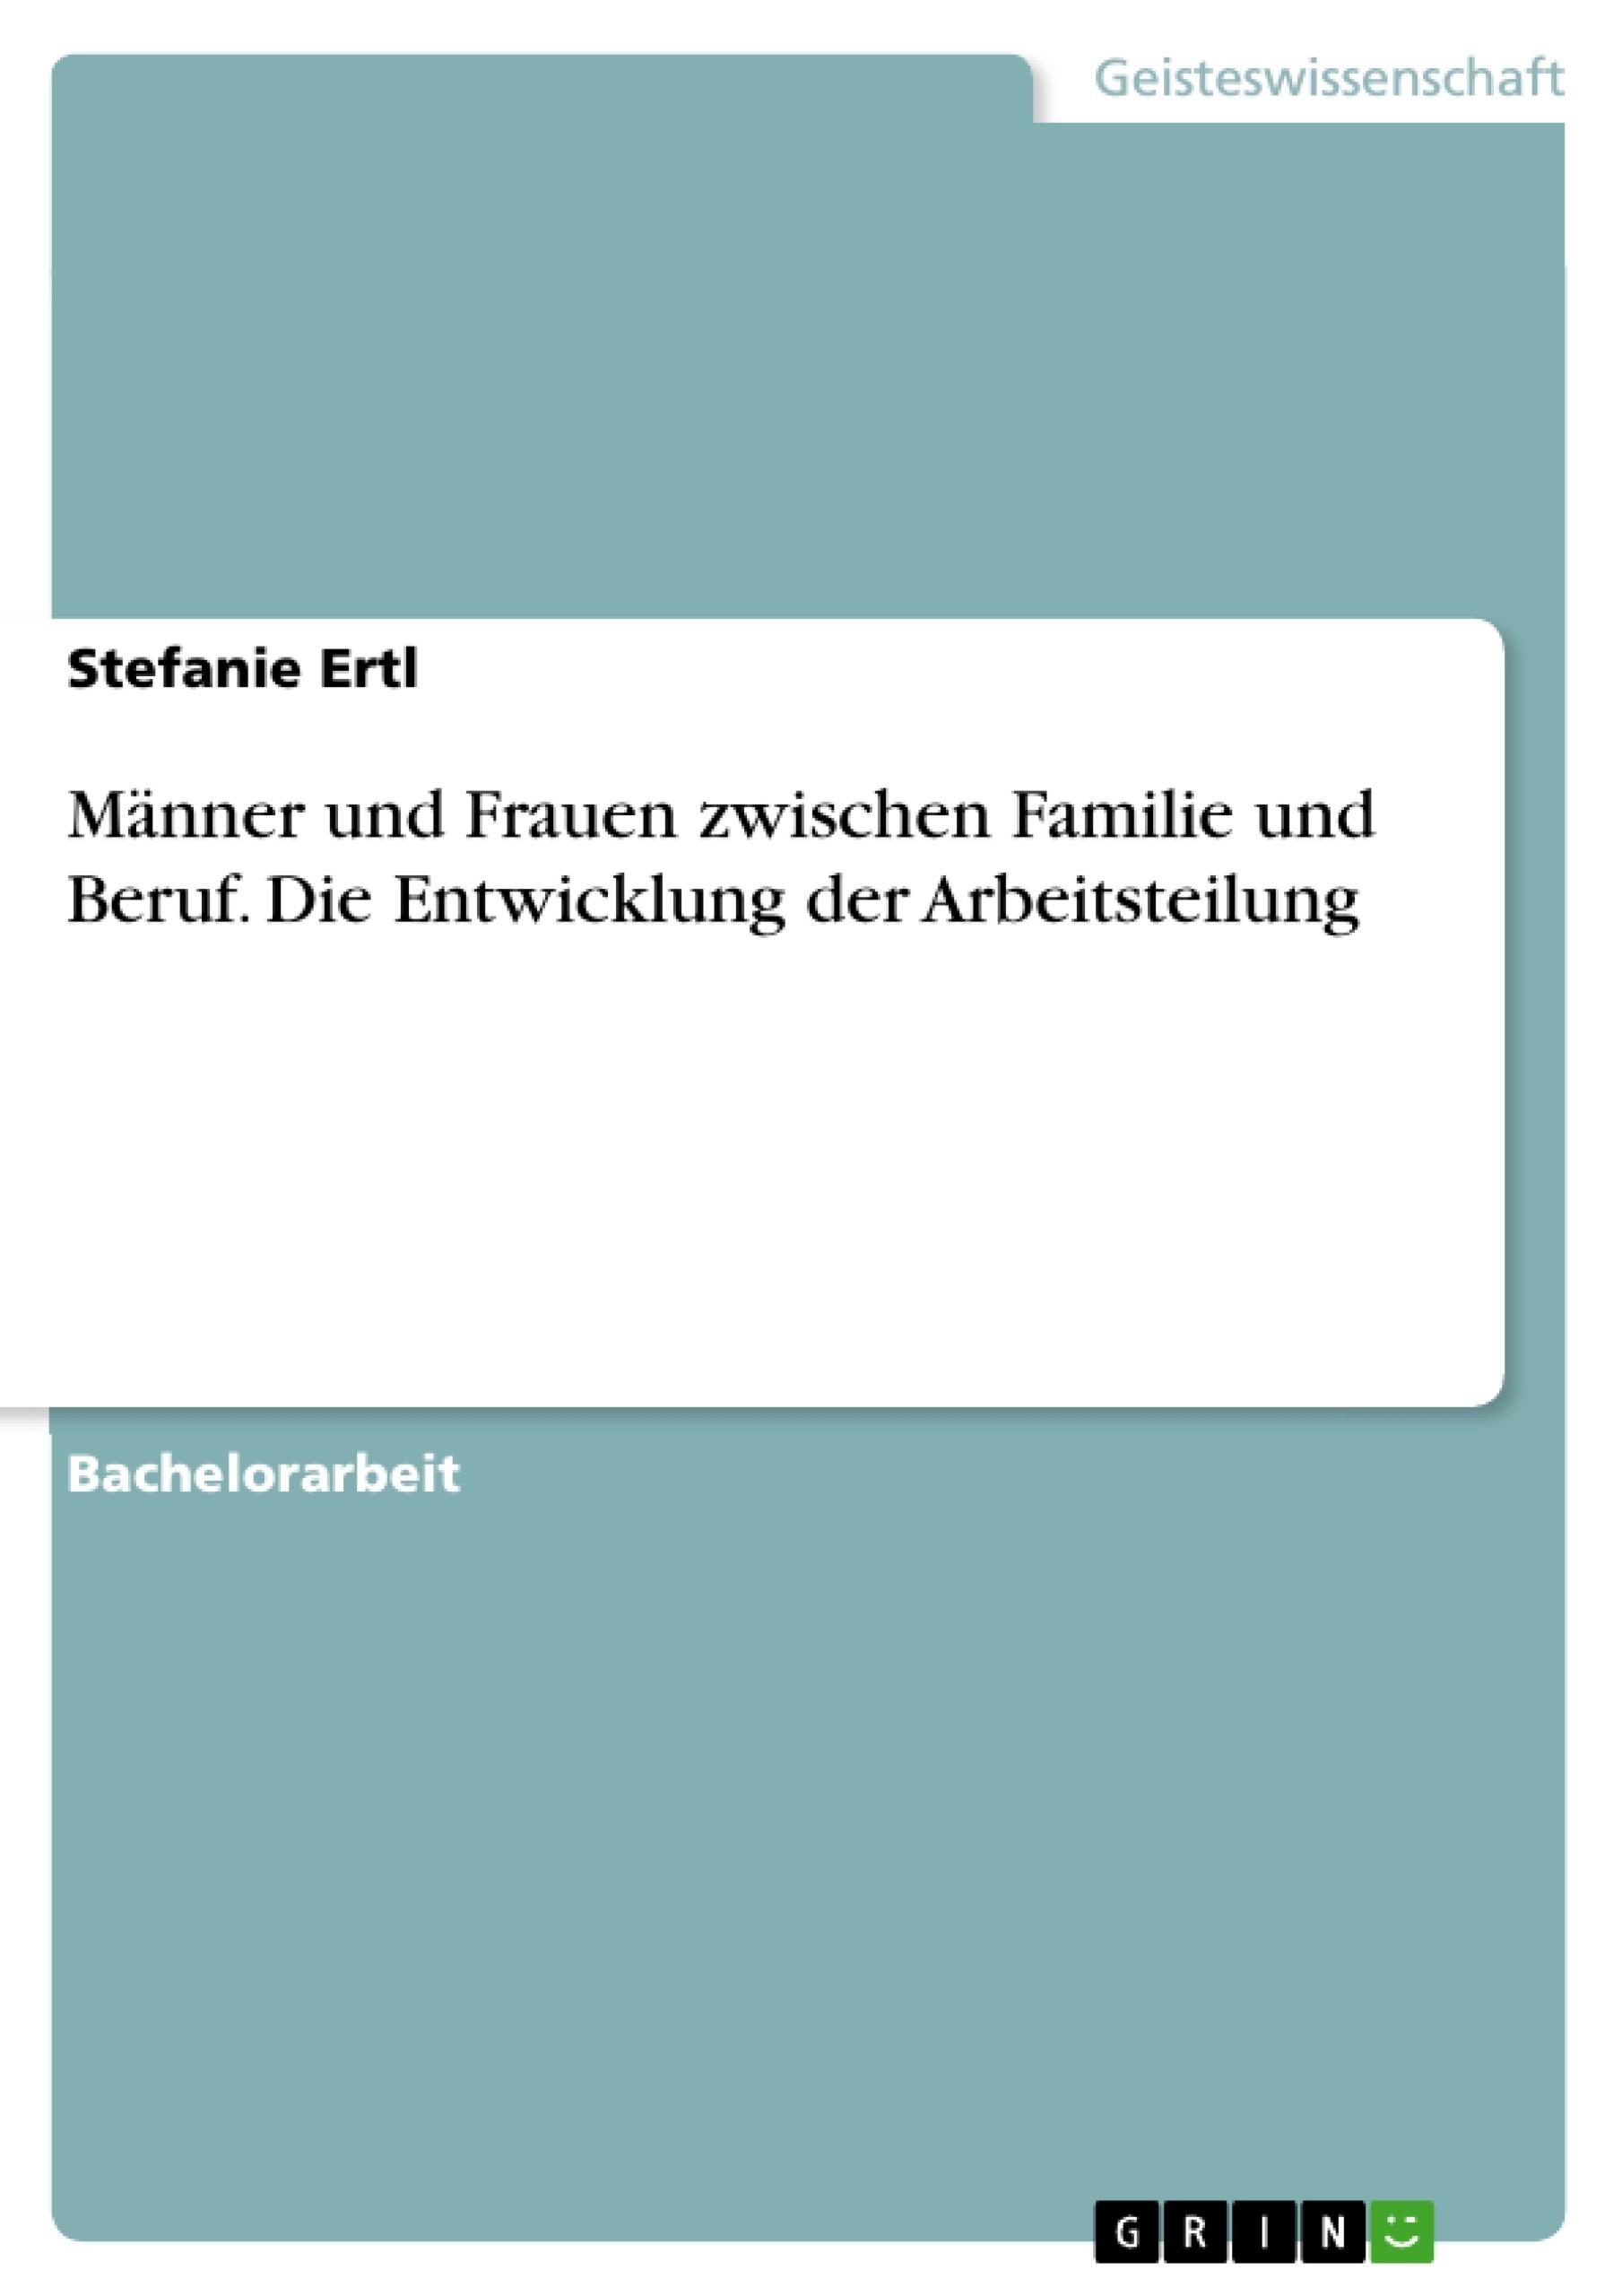 Titel: Männer und Frauen zwischen Familie und Beruf. Die Entwicklung der Arbeitsteilung